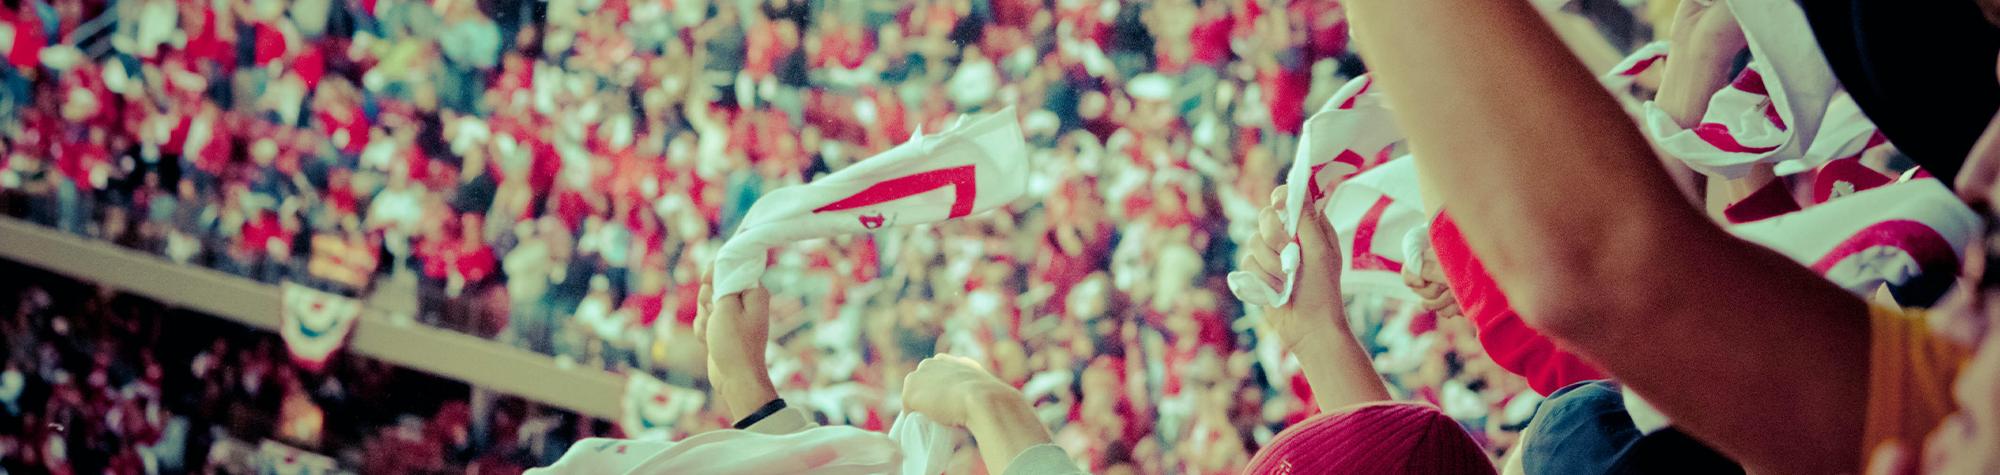 Sports, A Fan-Focused Business